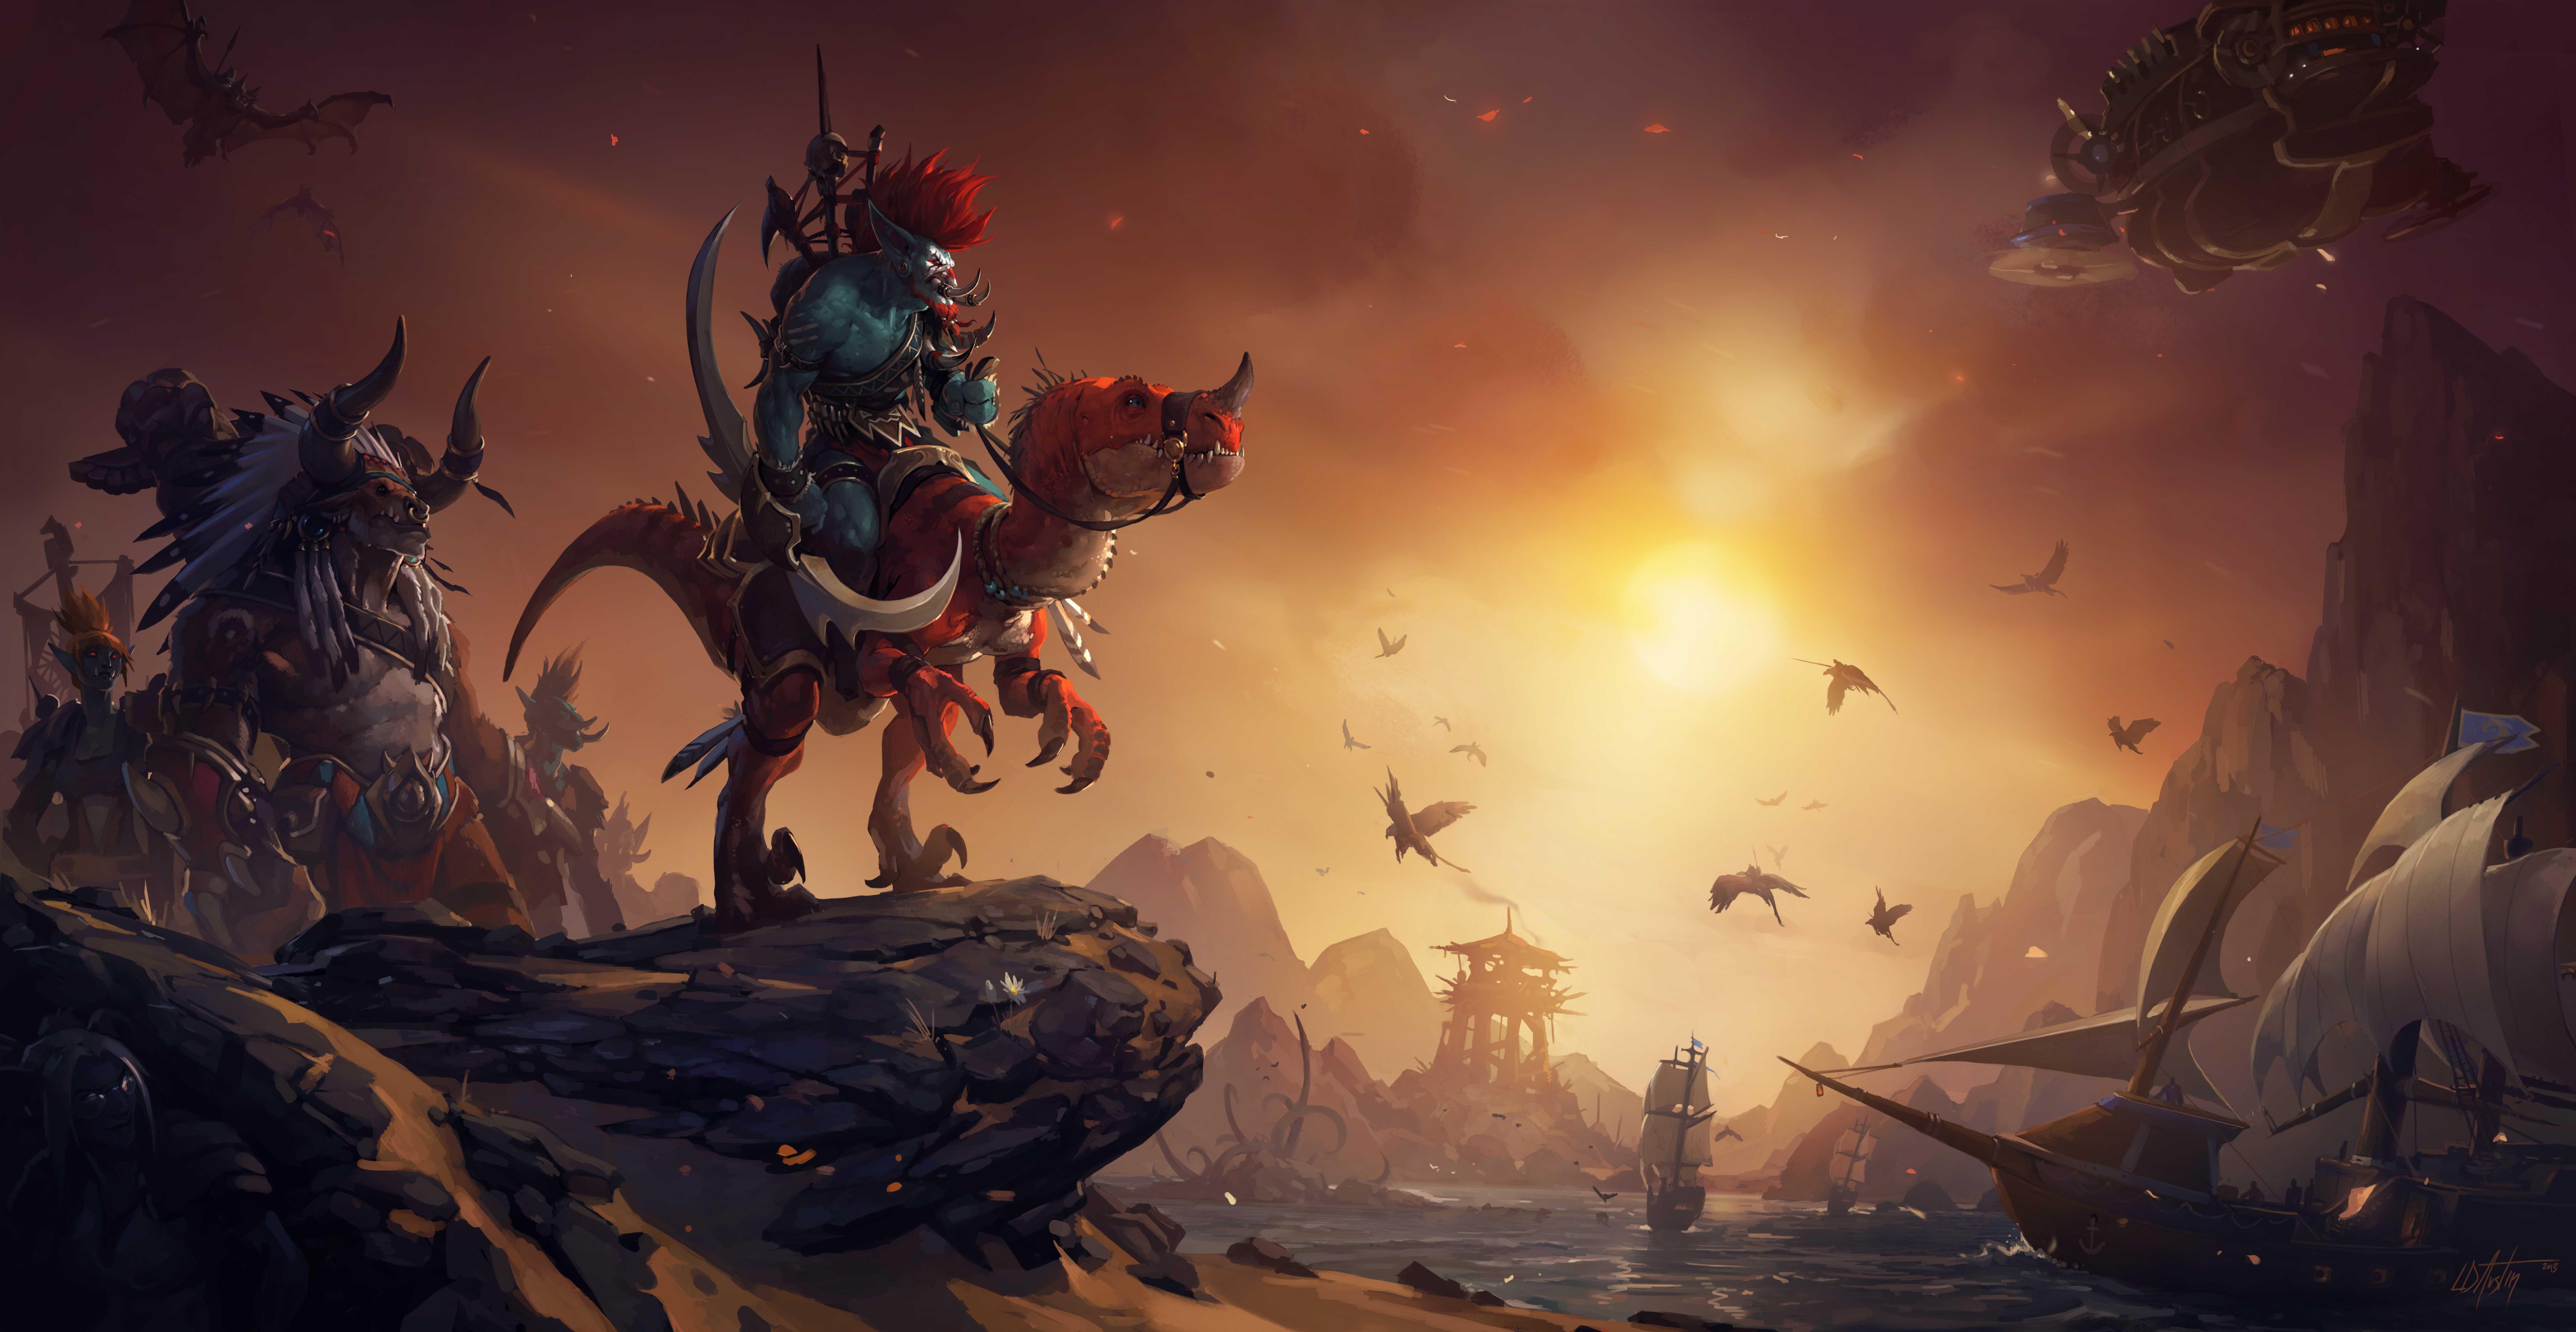 收藏向】魔兽世界壁纸(2)     正文 上期评论区acer要的风景原画壁纸